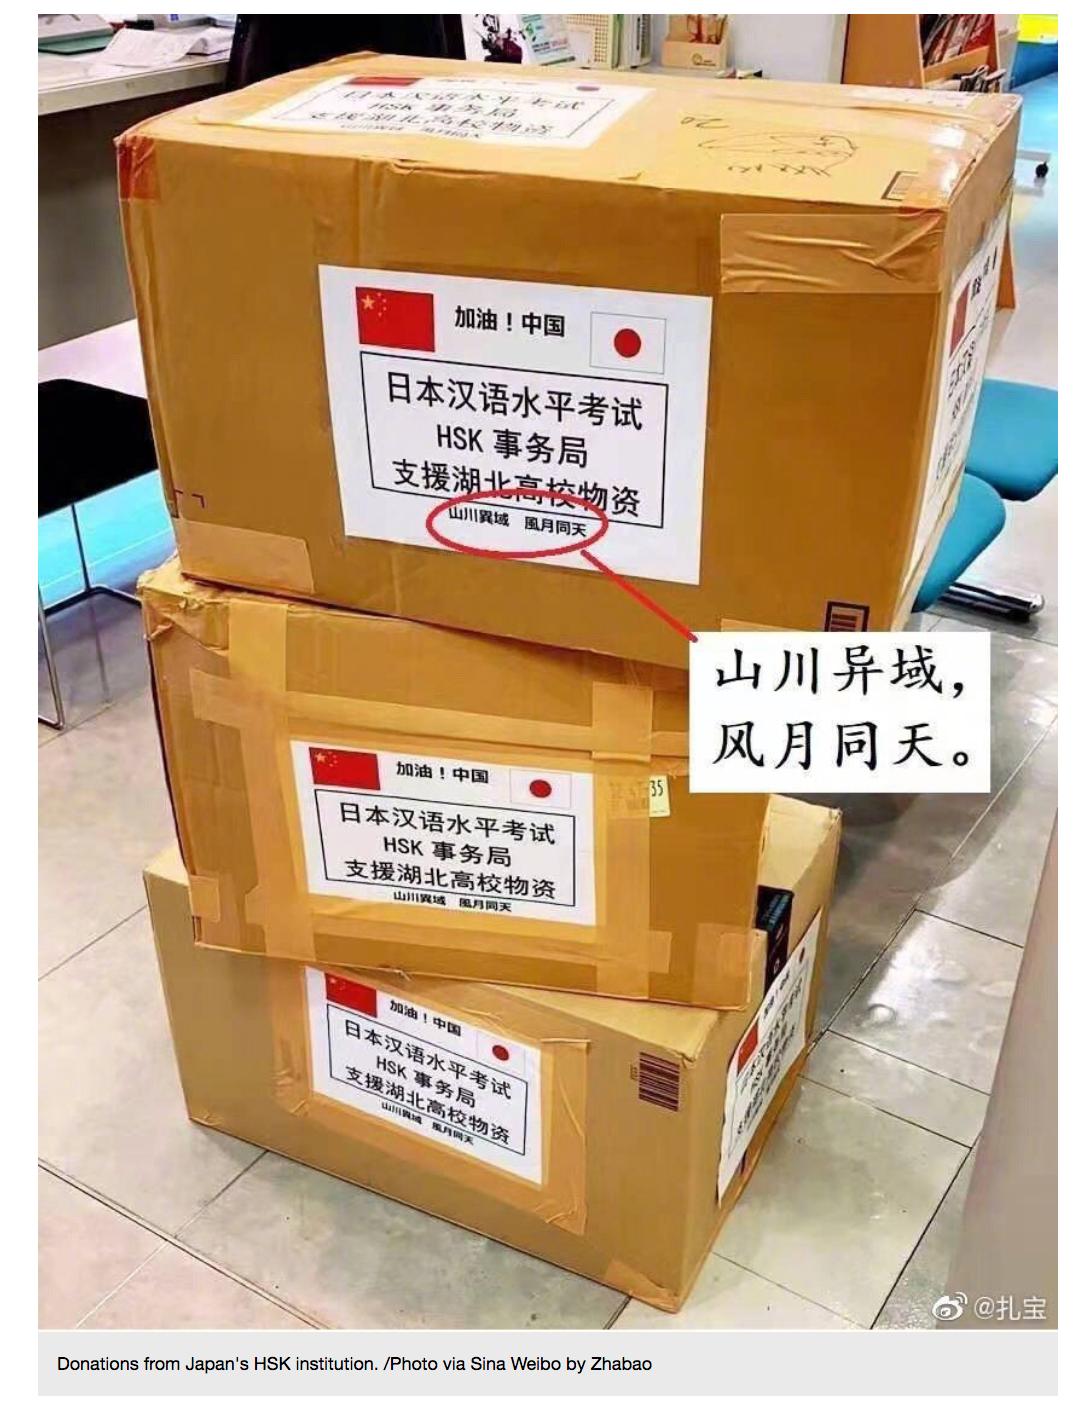 日本汉语程度测验HSK事件所捐赠物资。/ CGTN报道截图